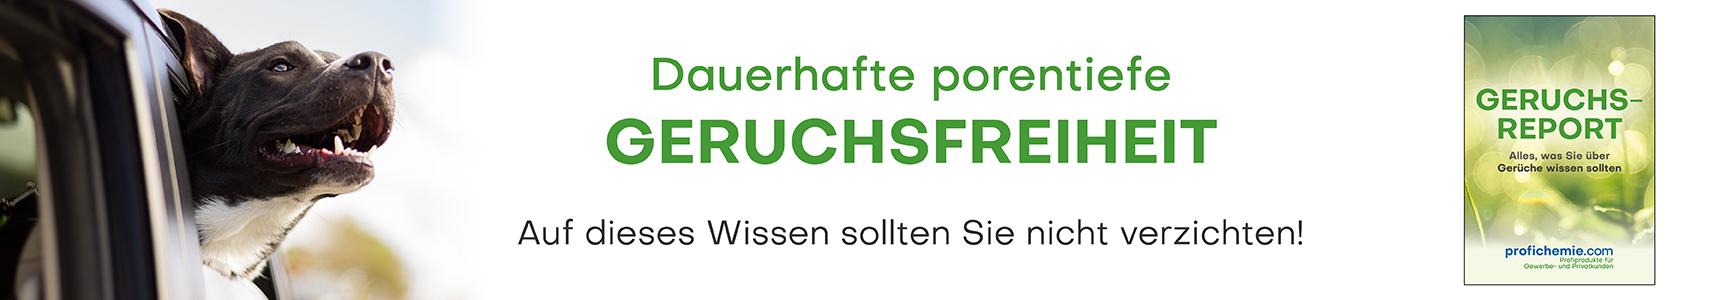 Geruchsreport Banner - Gratis sichern!